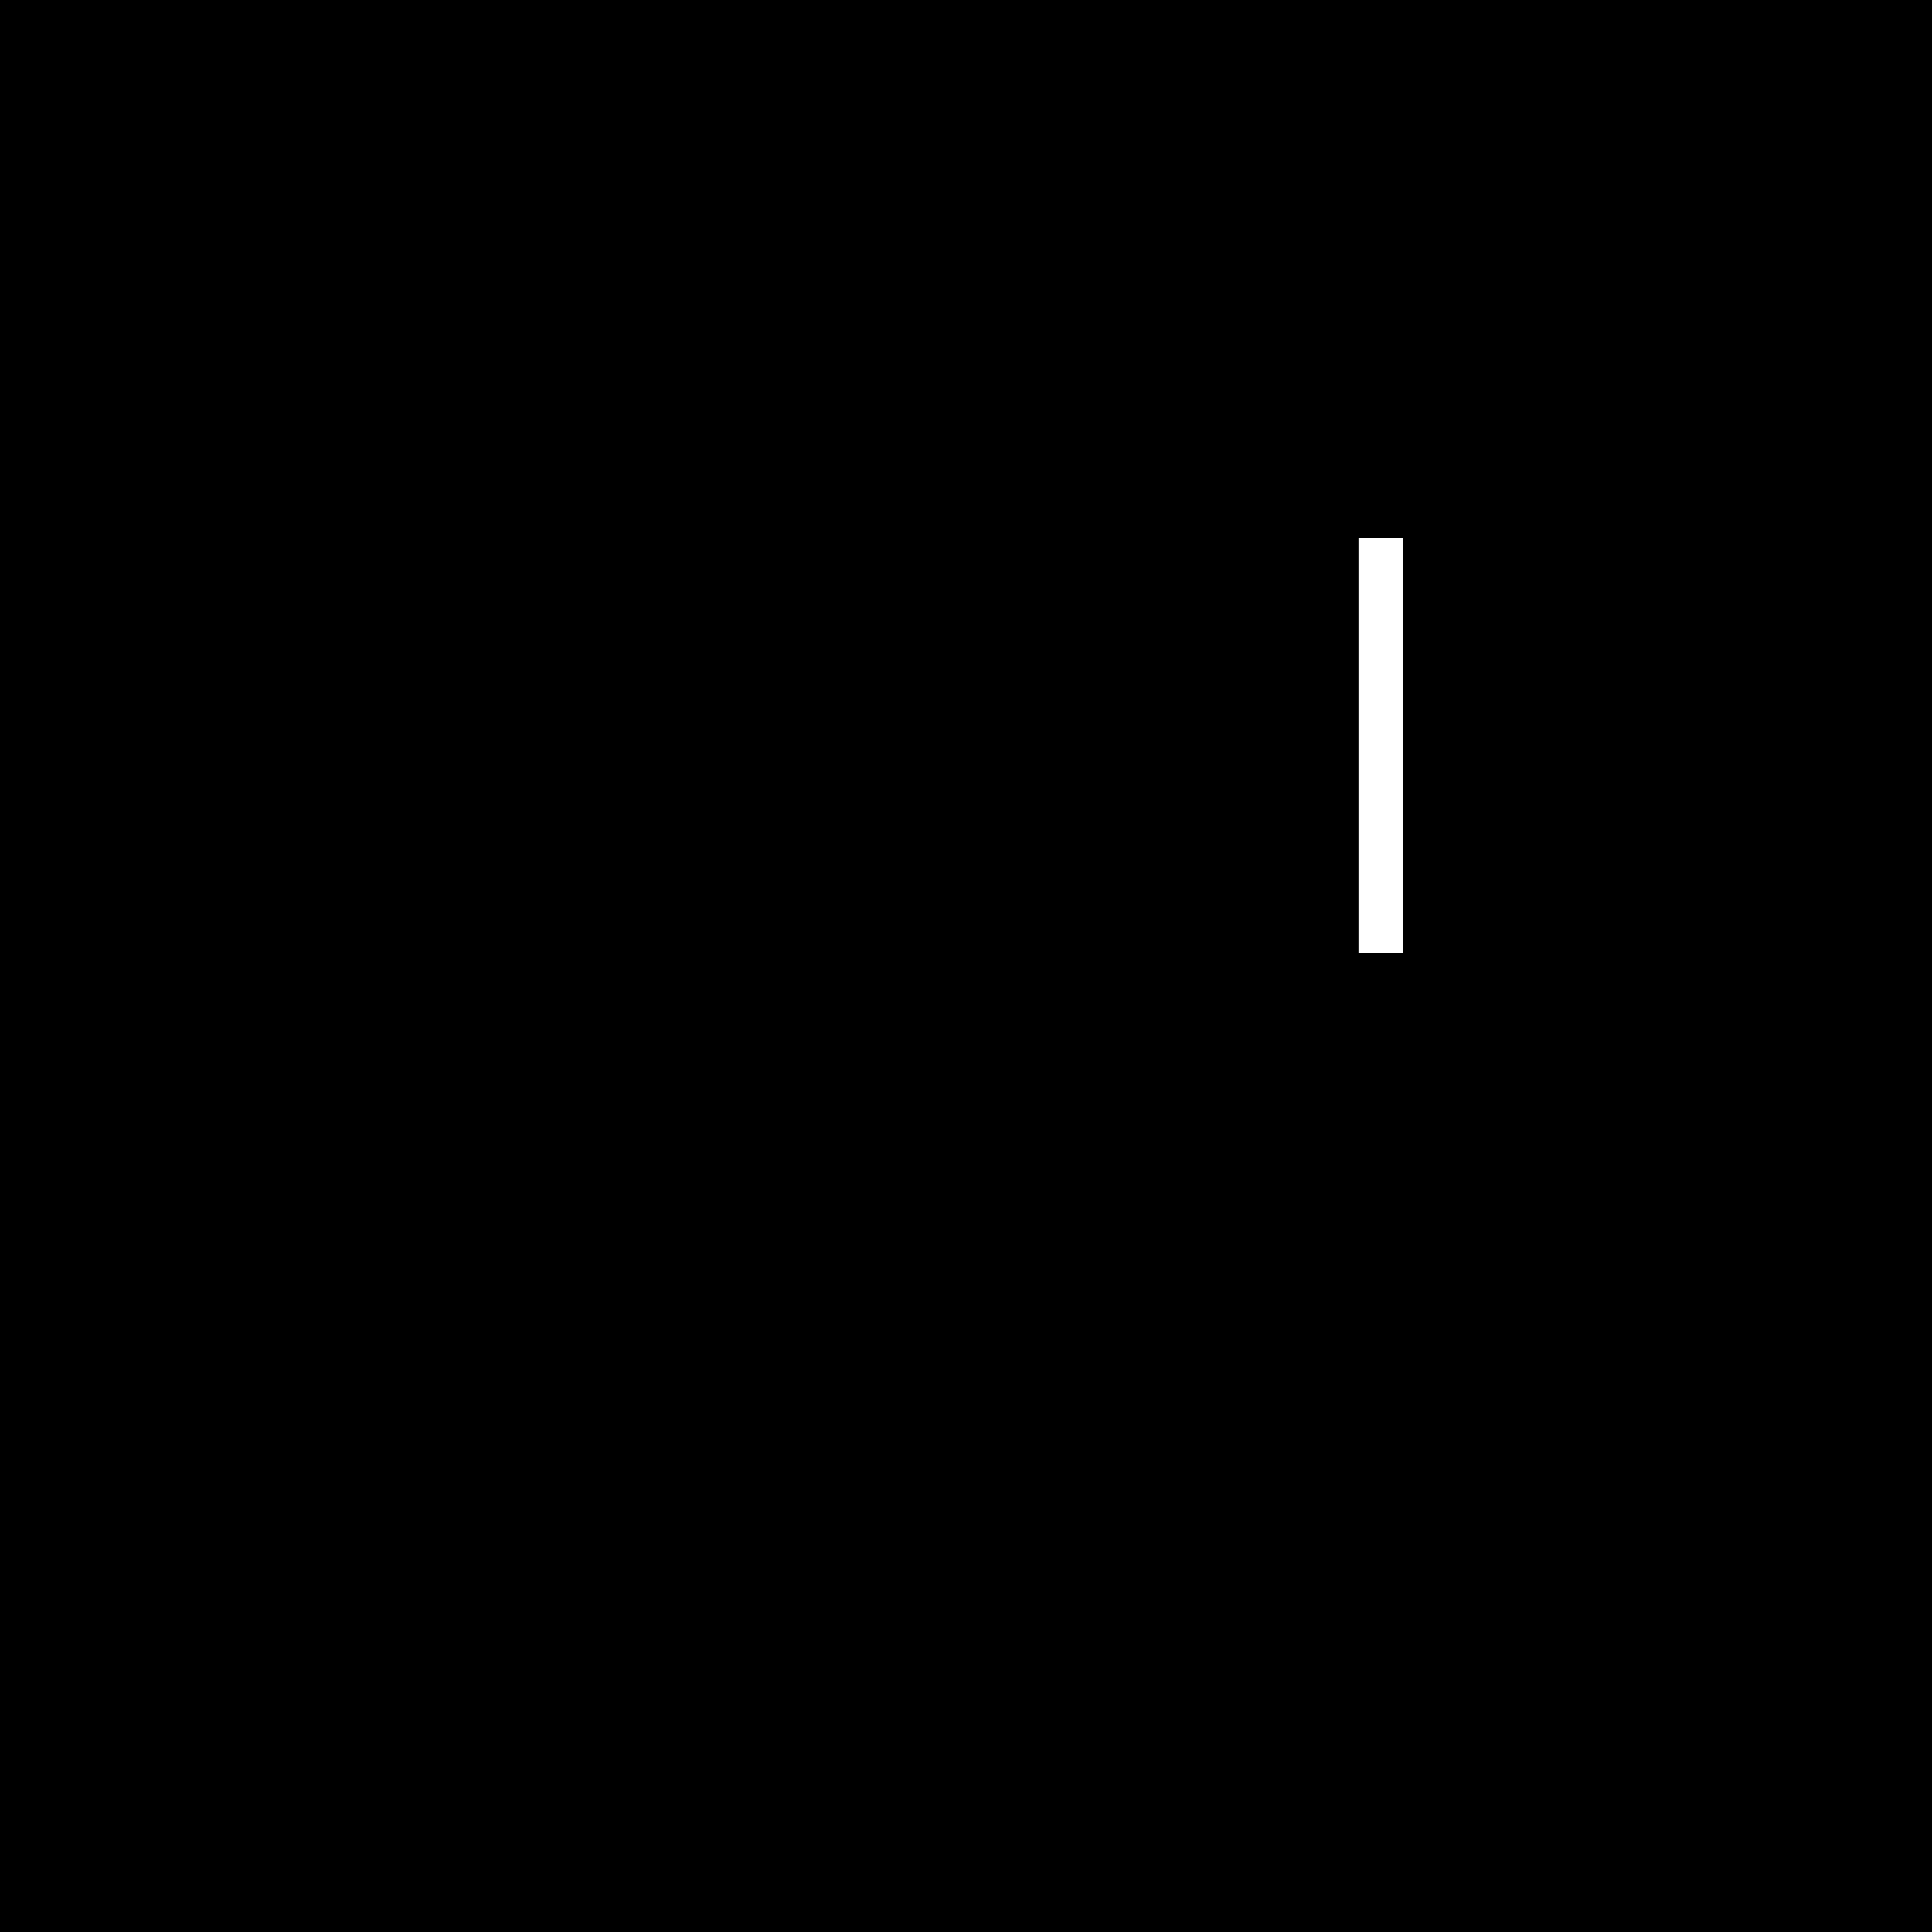 Audiotopie logo transparent